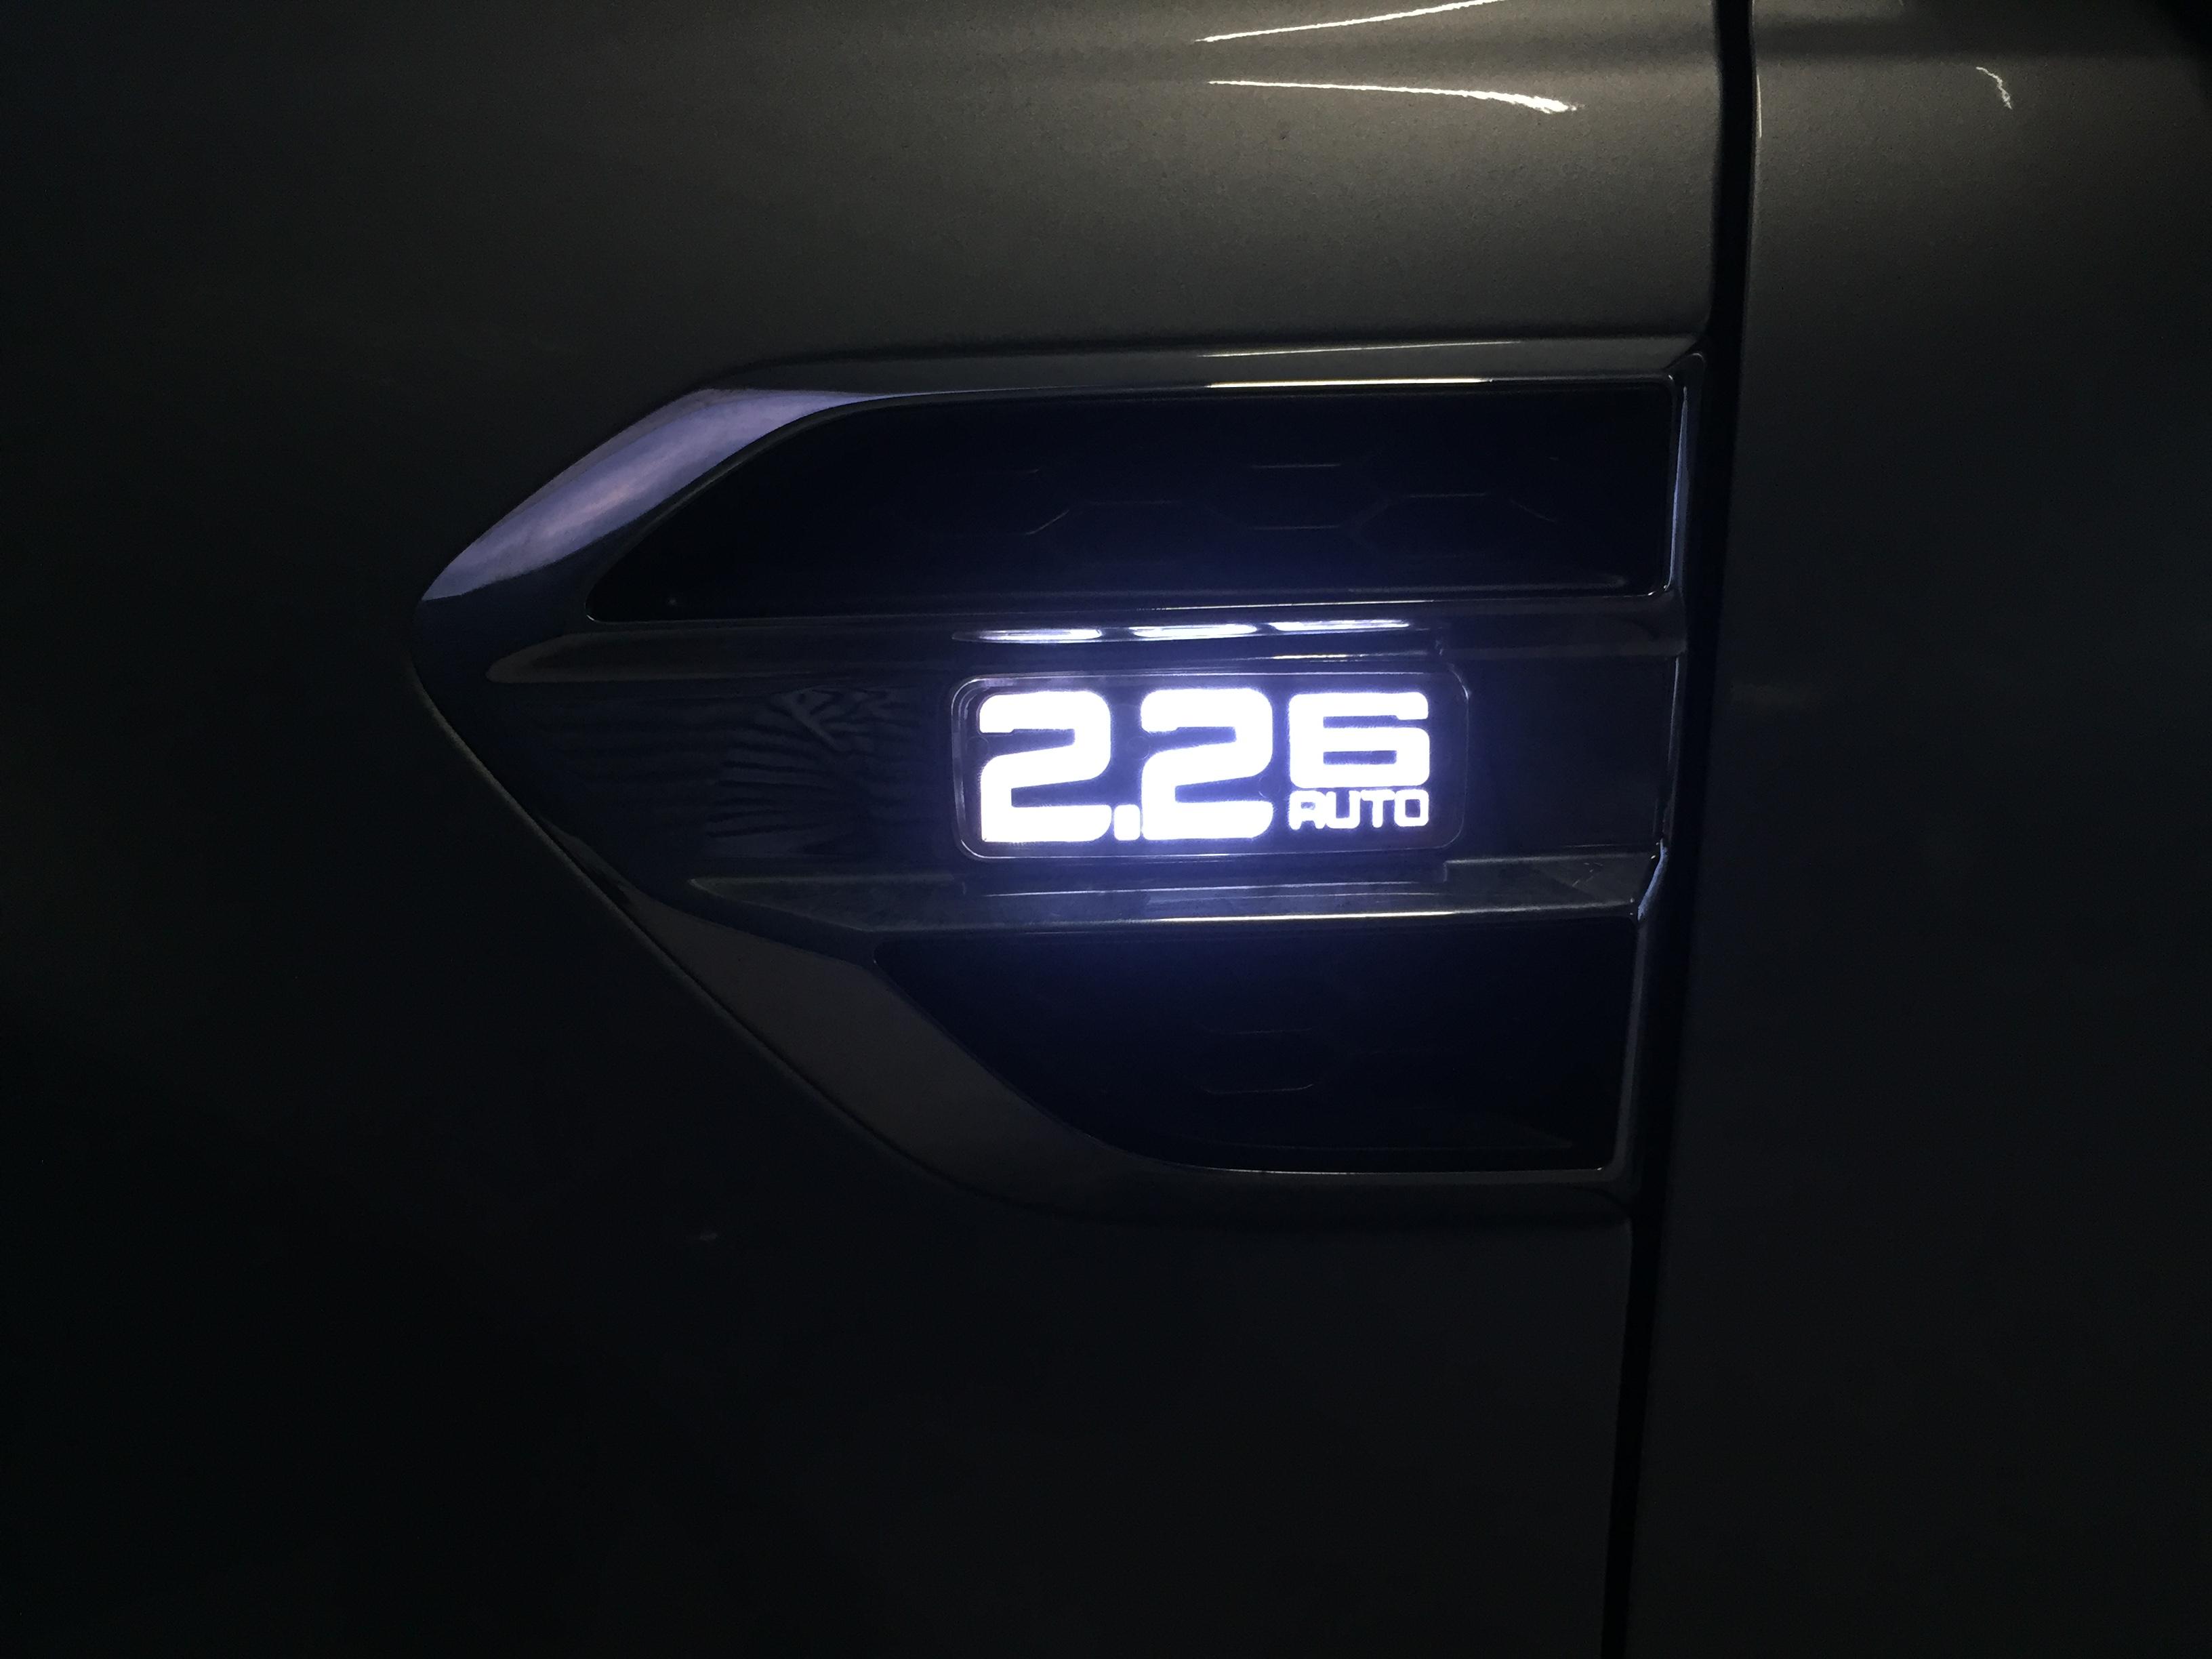 ไฟแก้มข้าง 2.2 auto